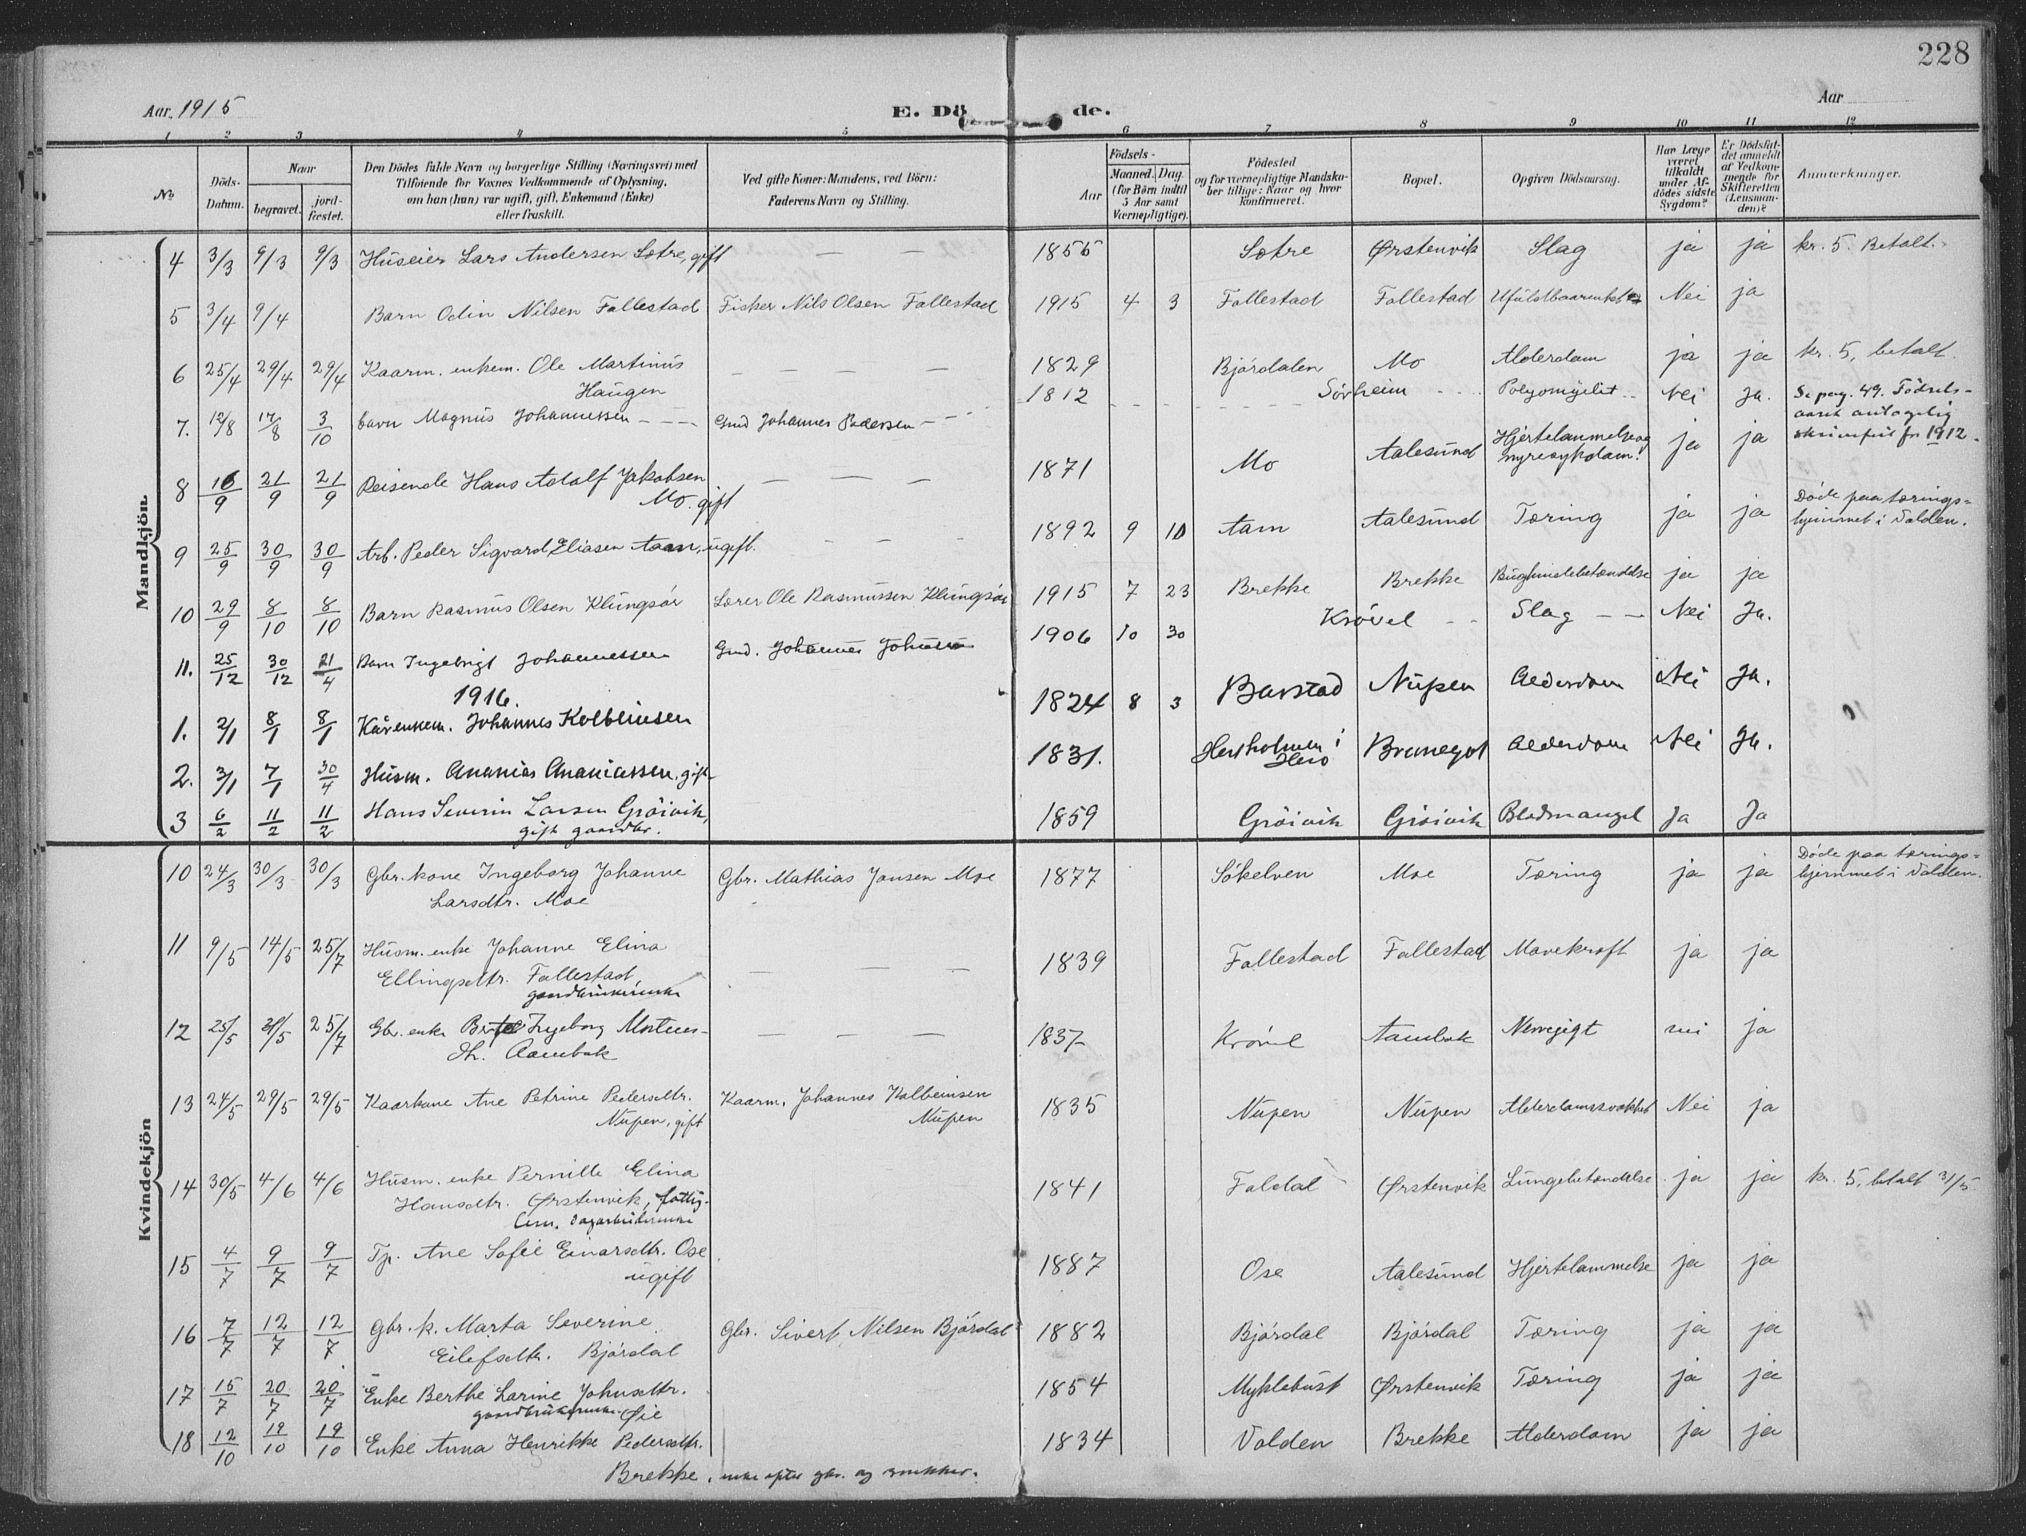 SAT, Ministerialprotokoller, klokkerbøker og fødselsregistre - Møre og Romsdal, 513/L0178: Ministerialbok nr. 513A05, 1906-1919, s. 228